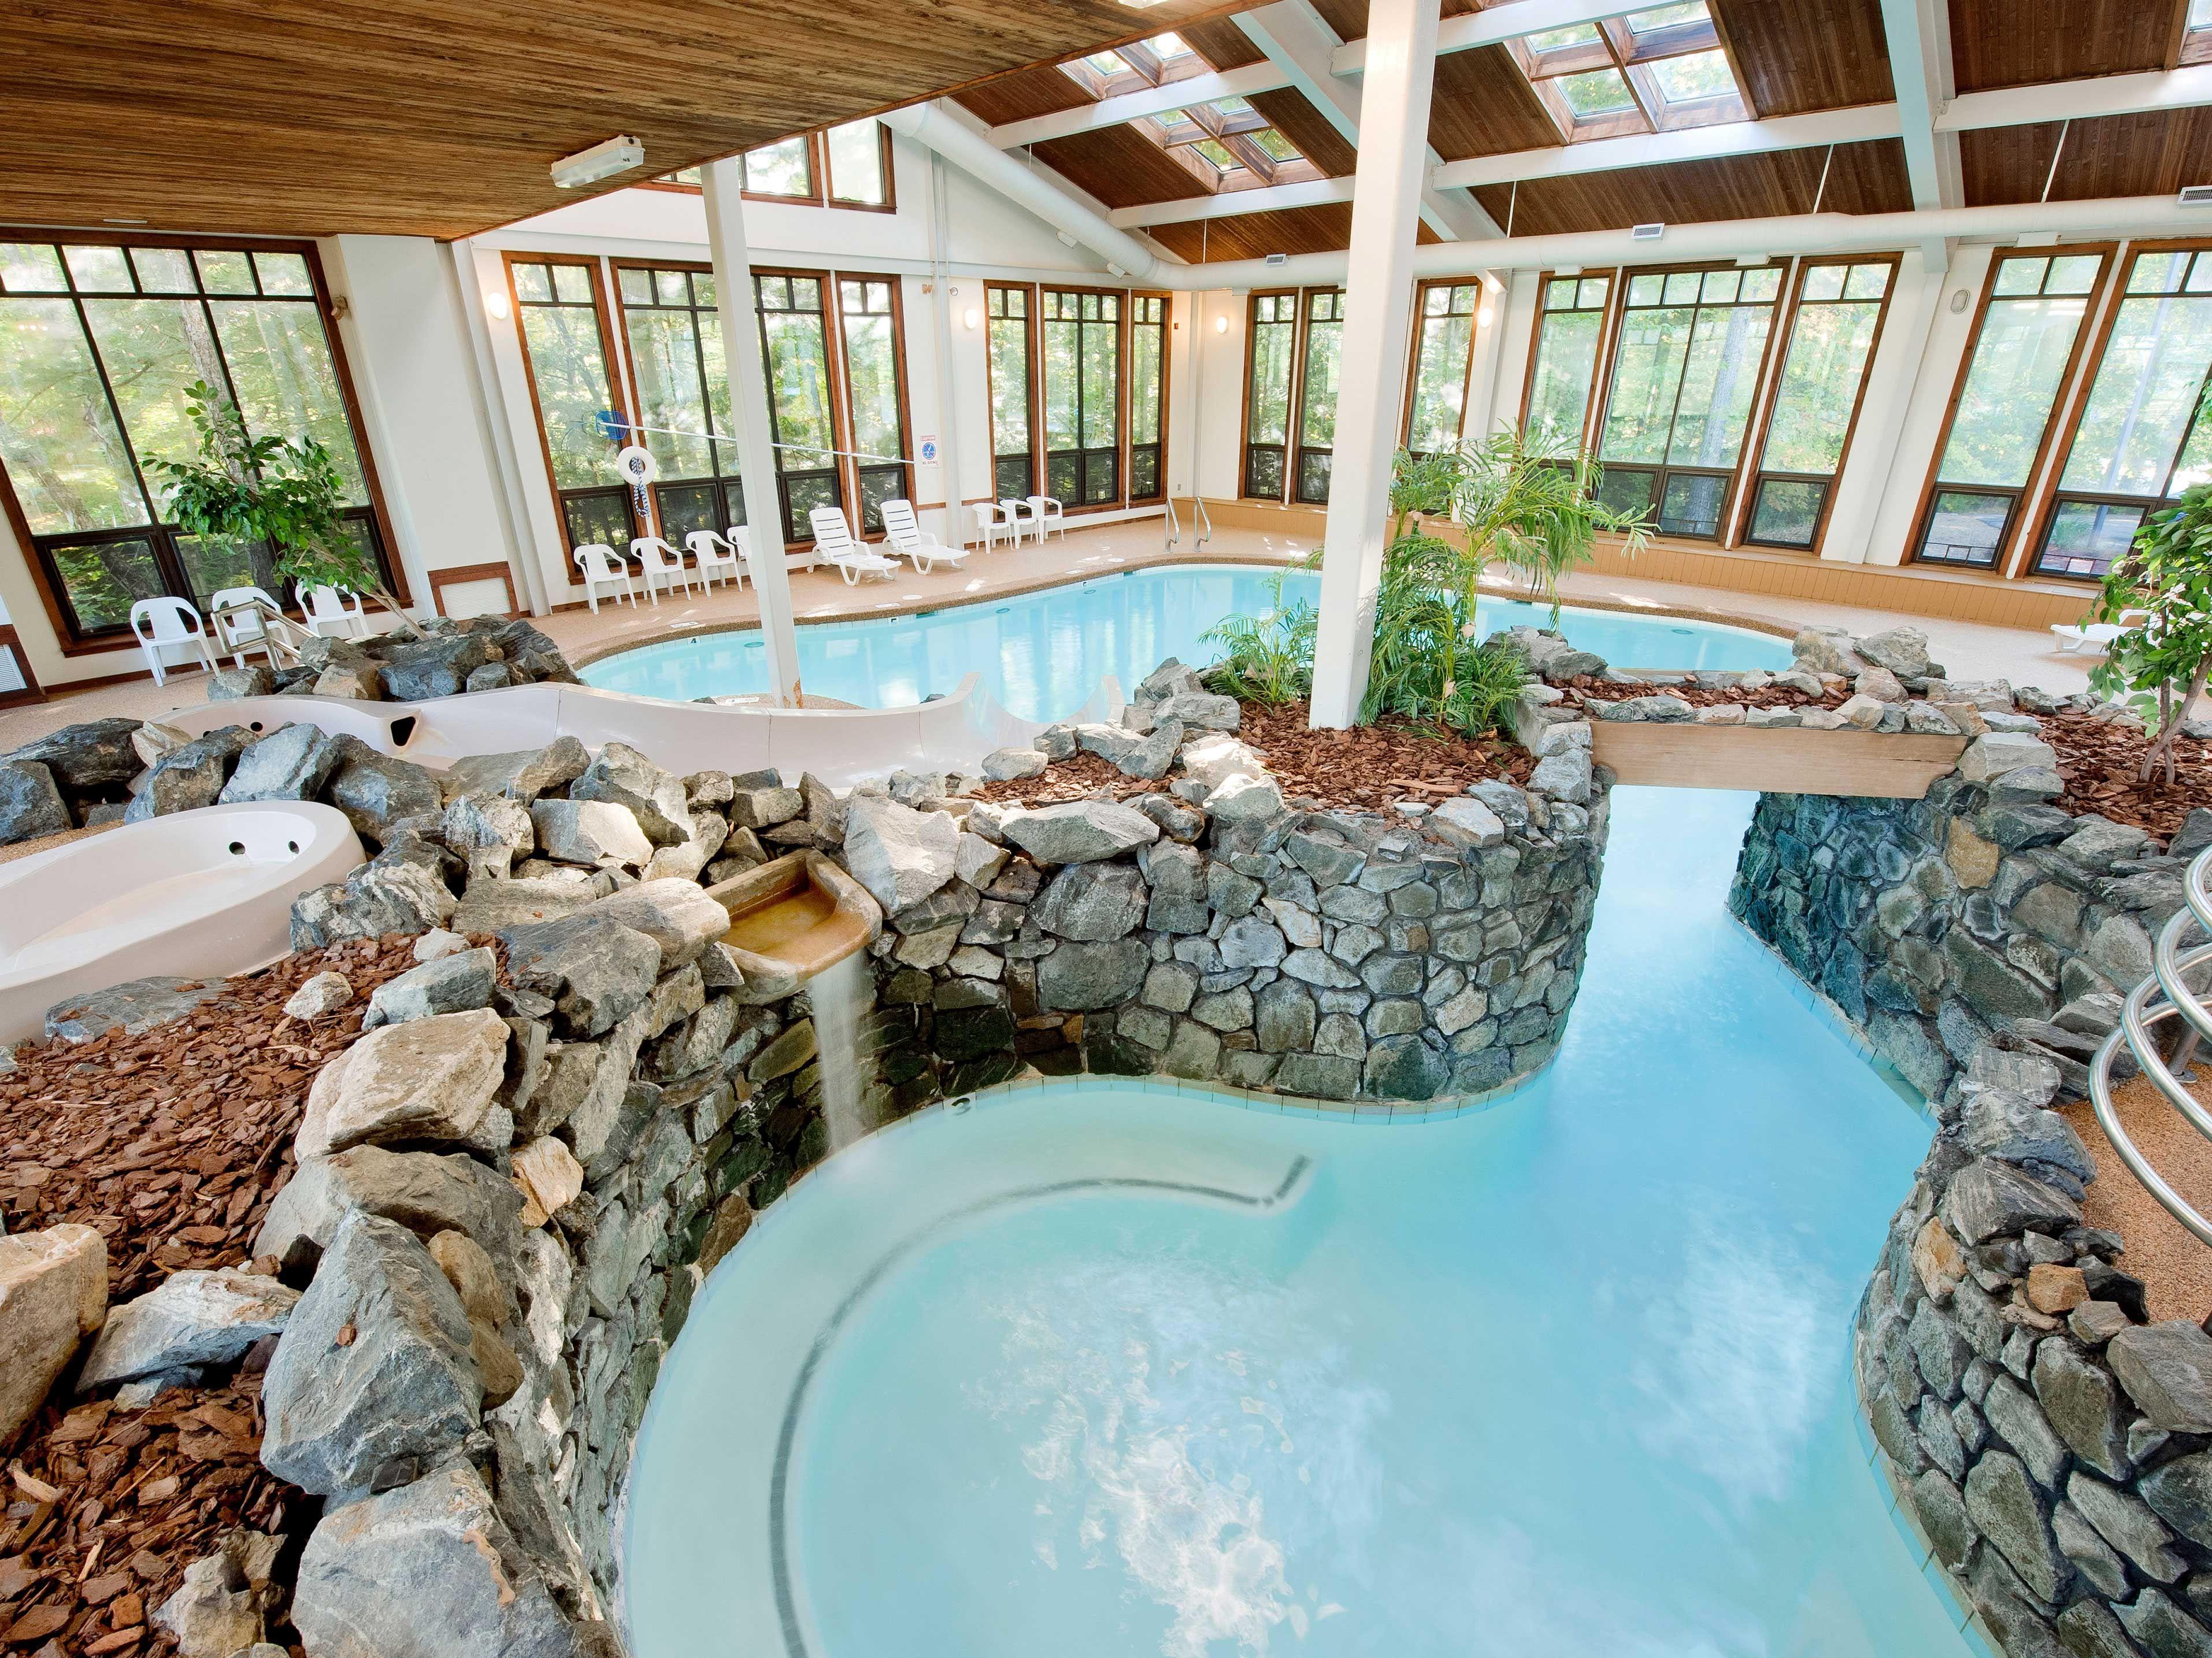 Top 5 Resorts In West Virginia